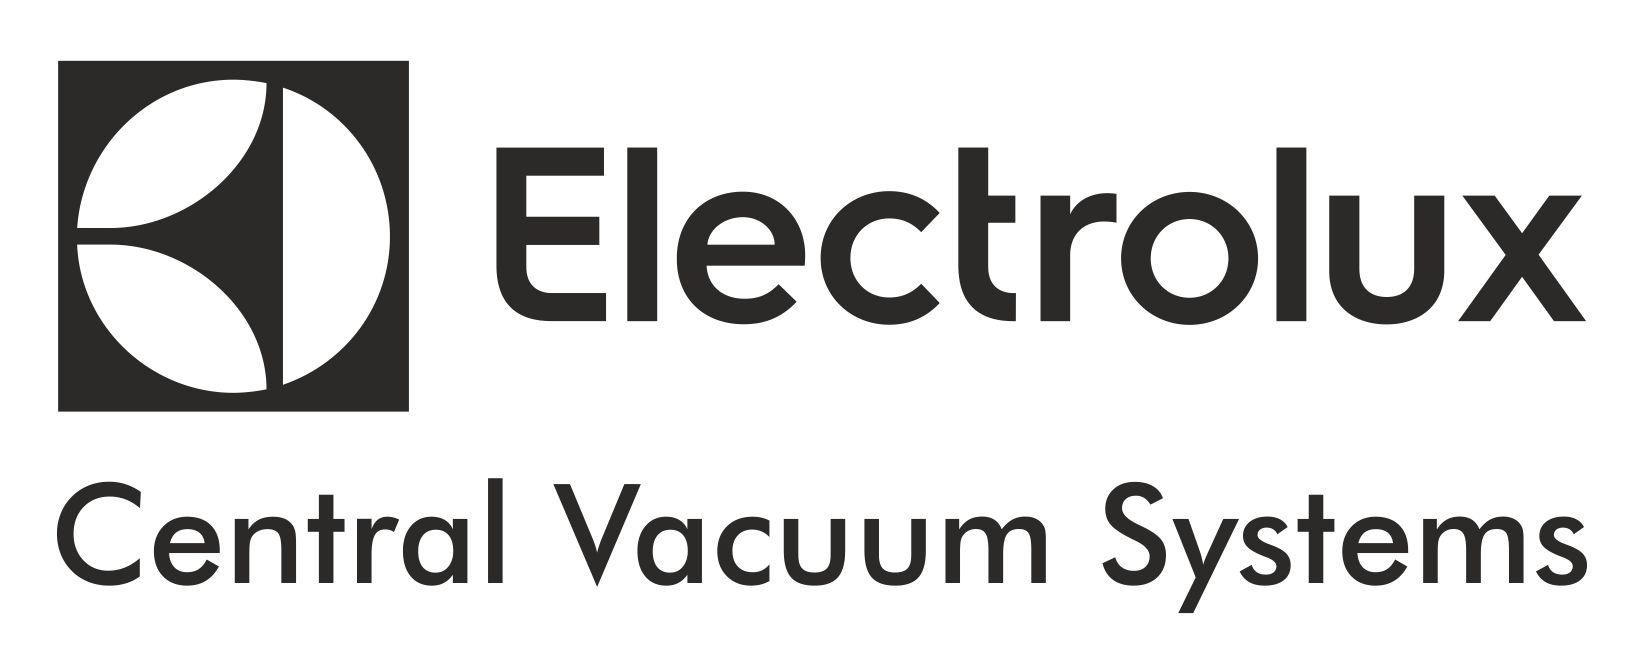 Electrolux CV Logo